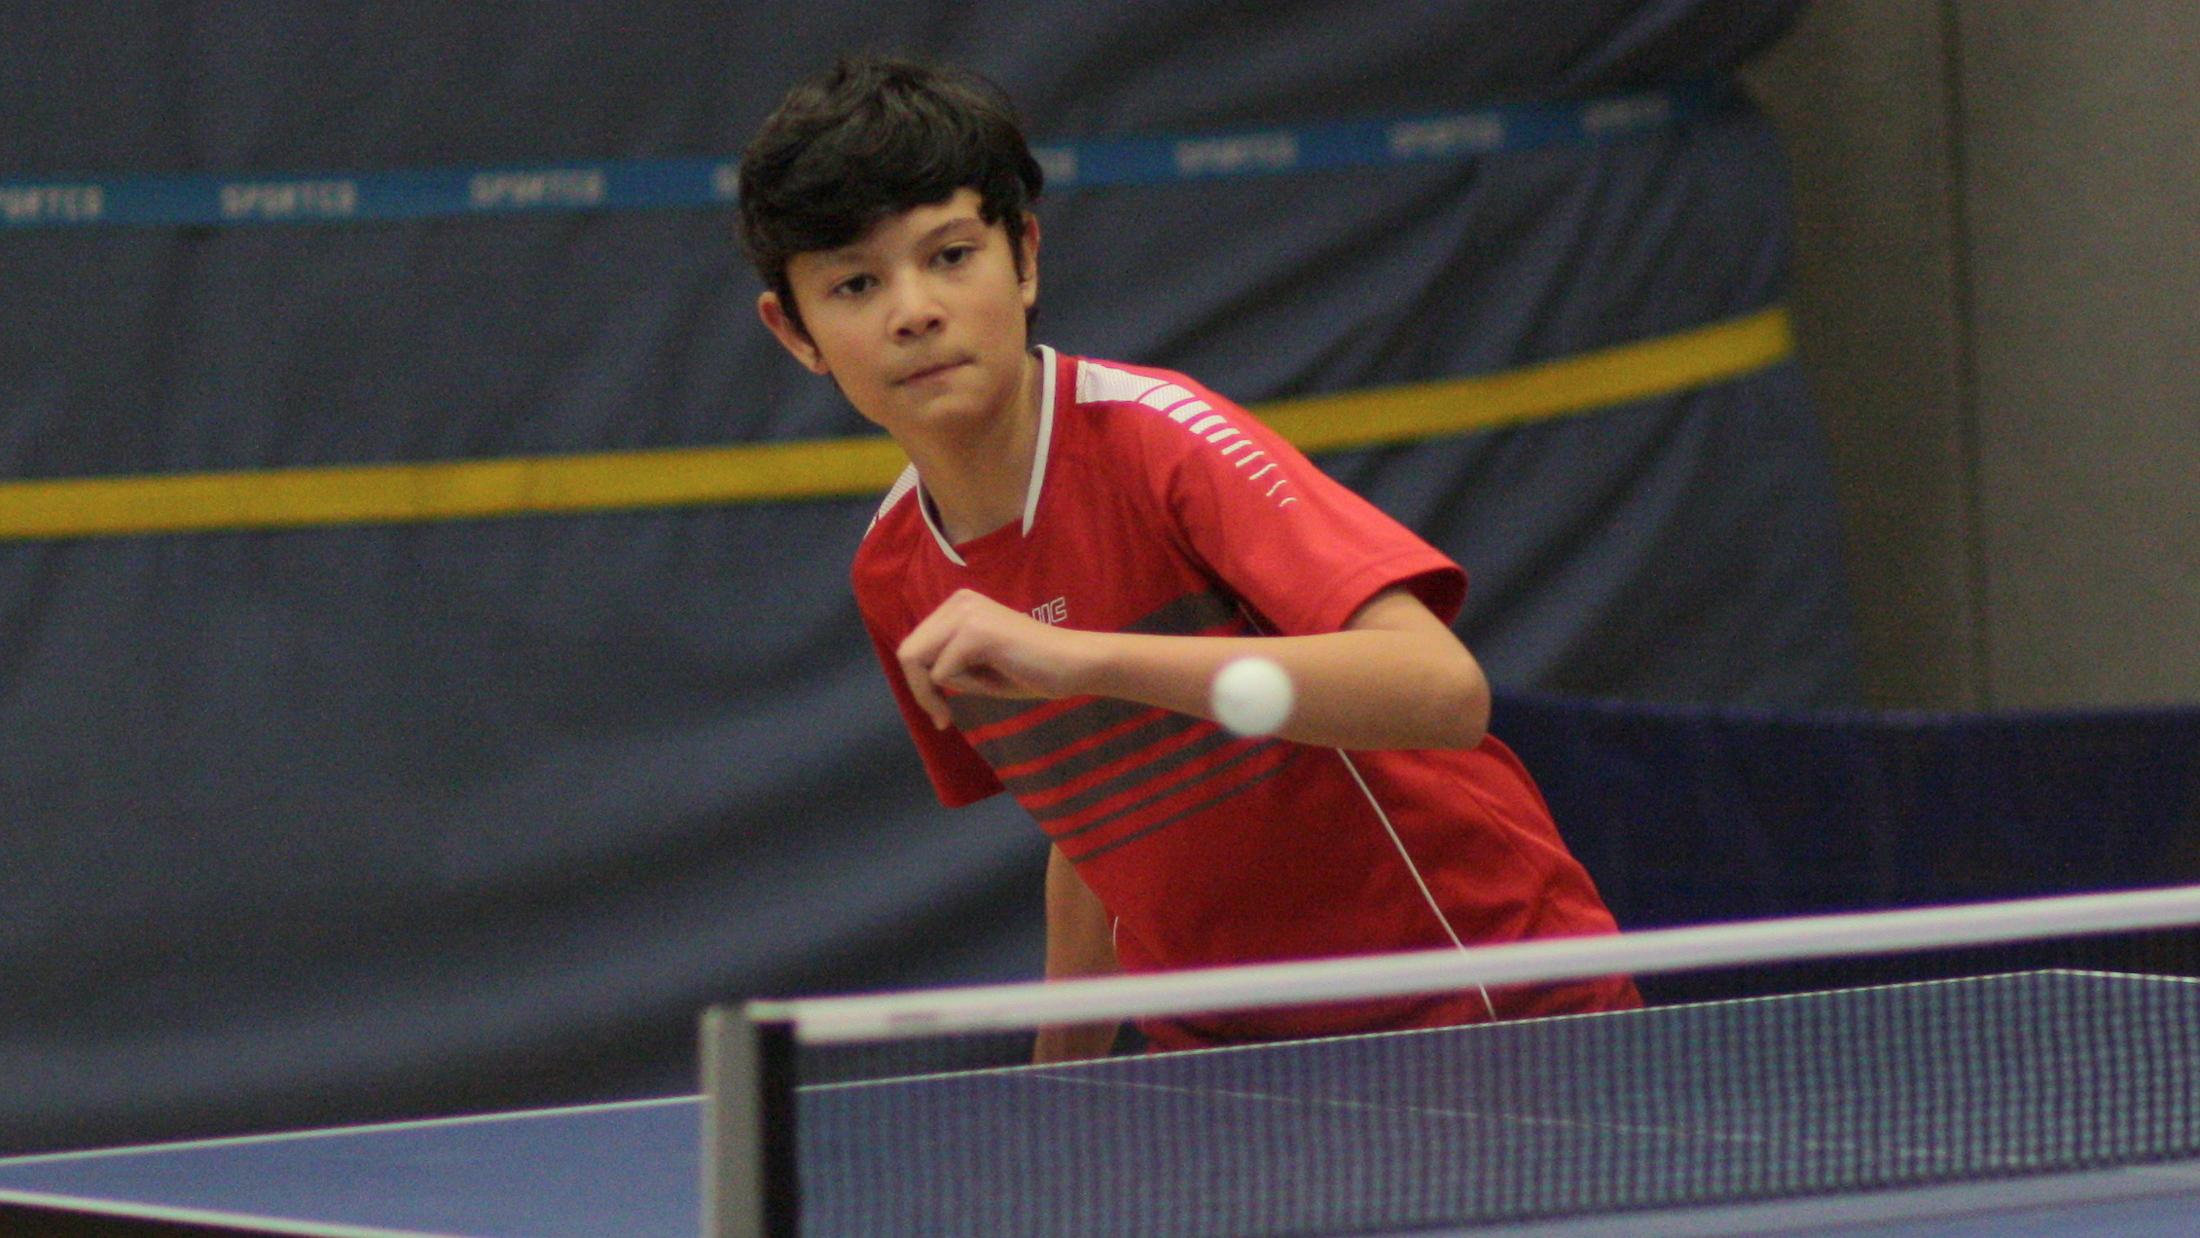 1. Platz Jugend: Raden (6:1 Spiele)